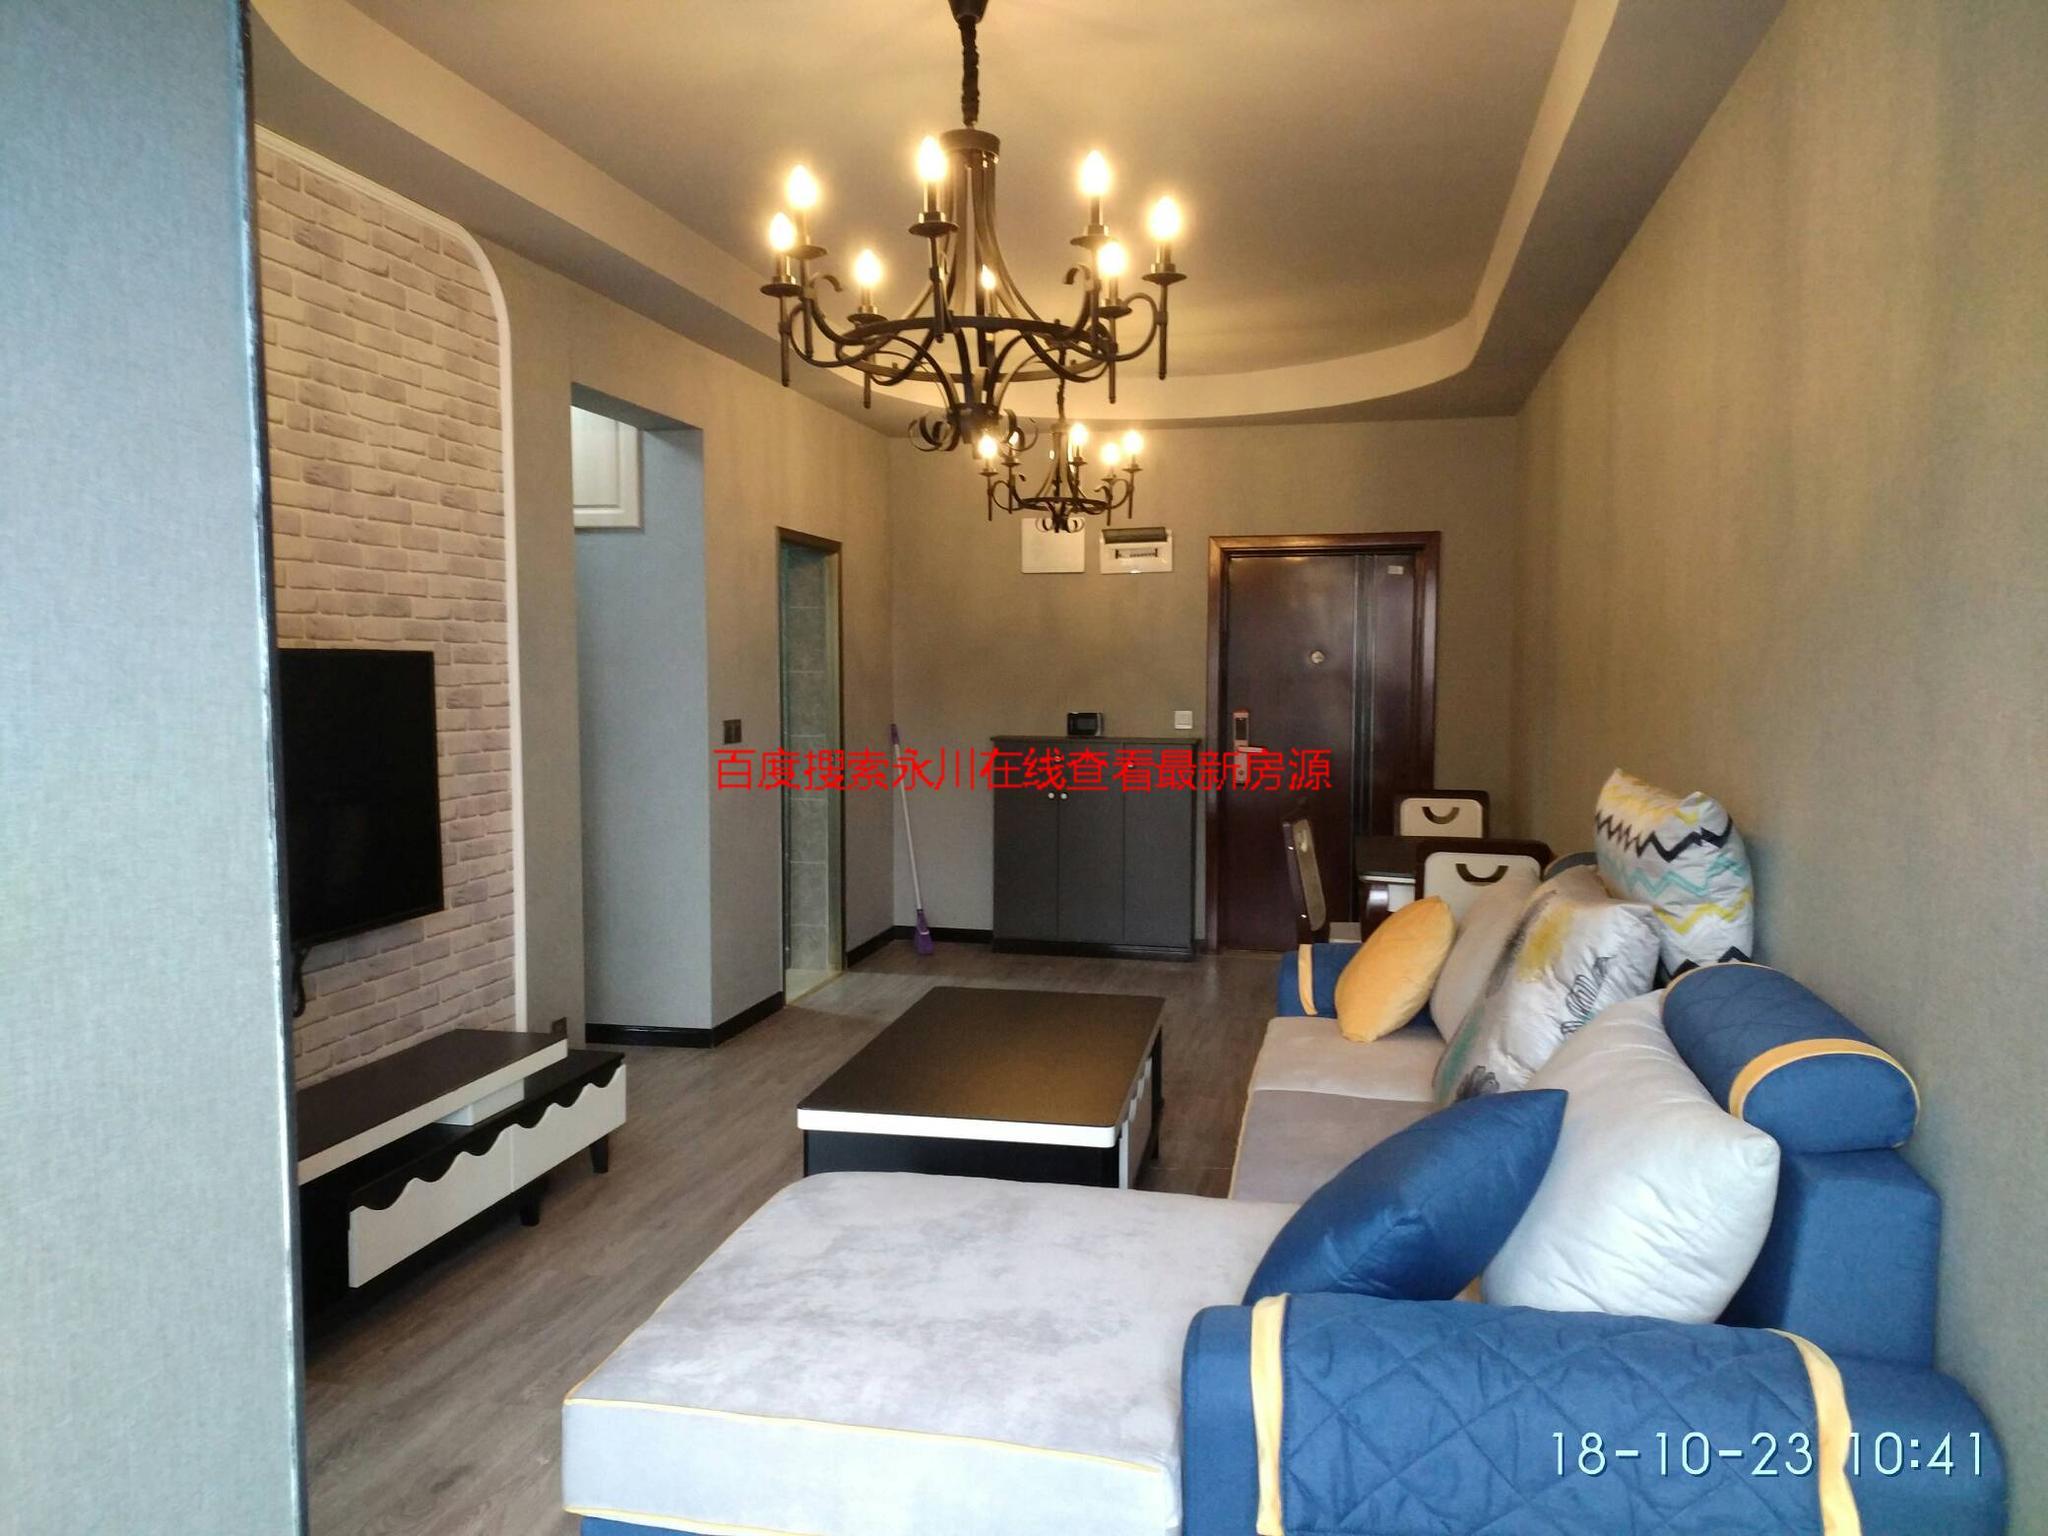 凰城华府高档小区精装两室两厅看现房更有感觉